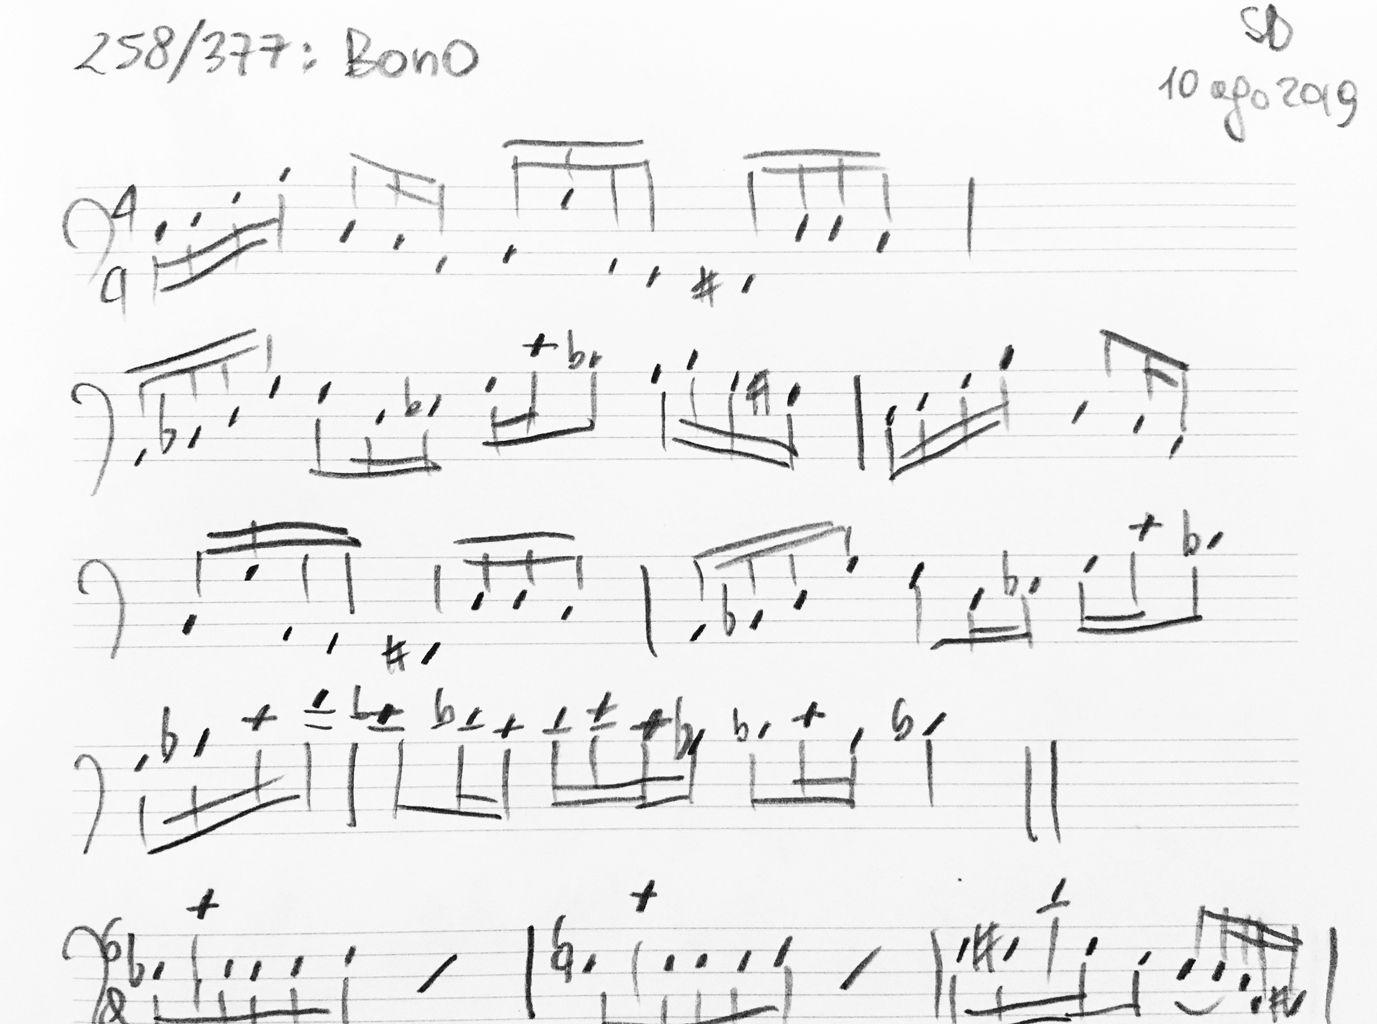 258-Bono-Score